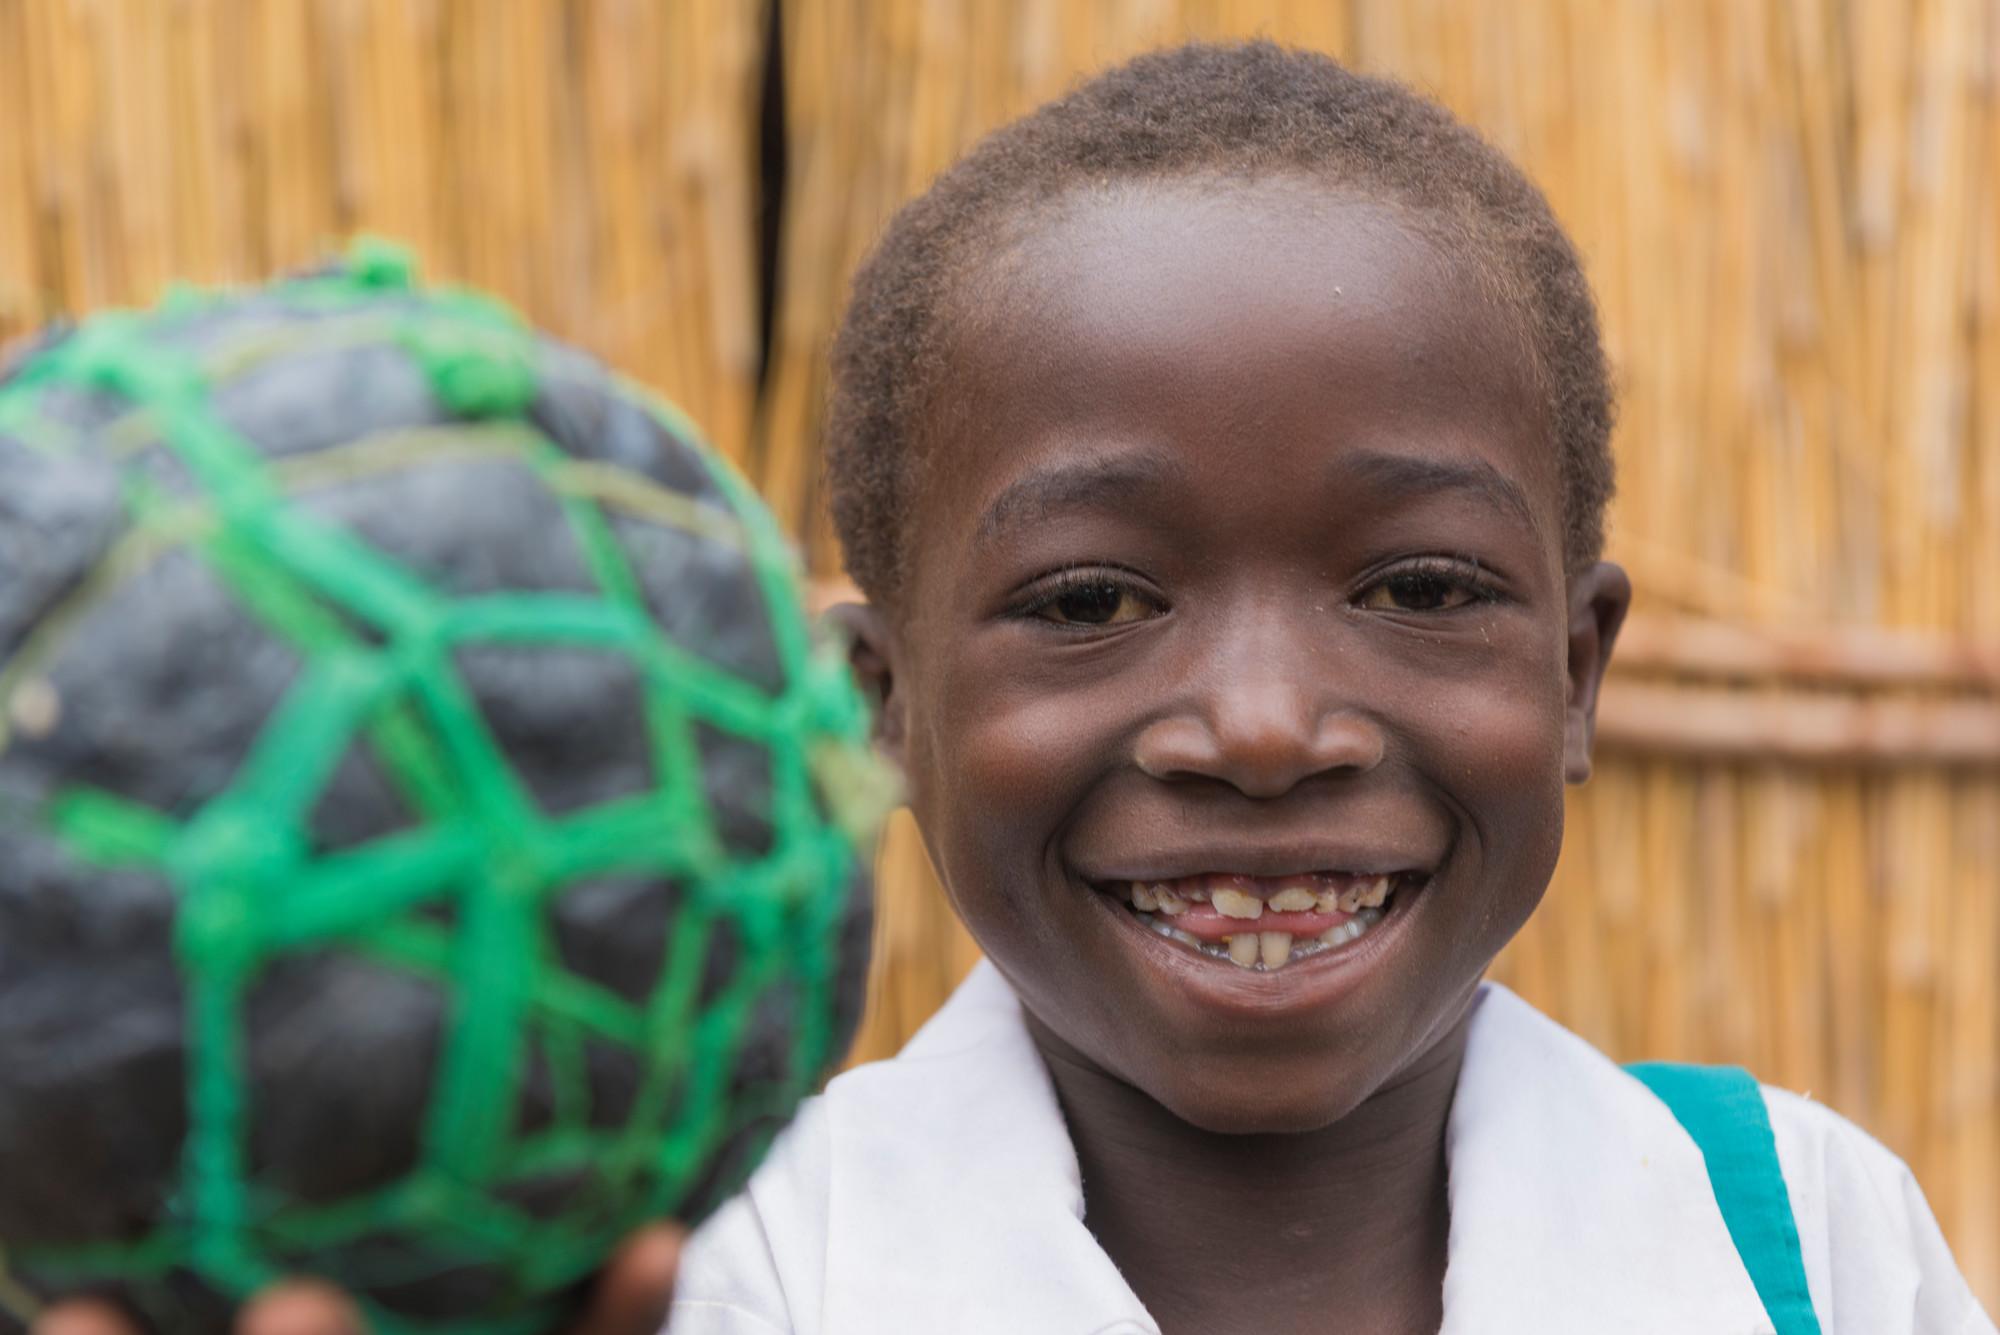 Uma jovem sorri segurando uma bola de futebol improvisada feita de barbante e sacos plásticos.